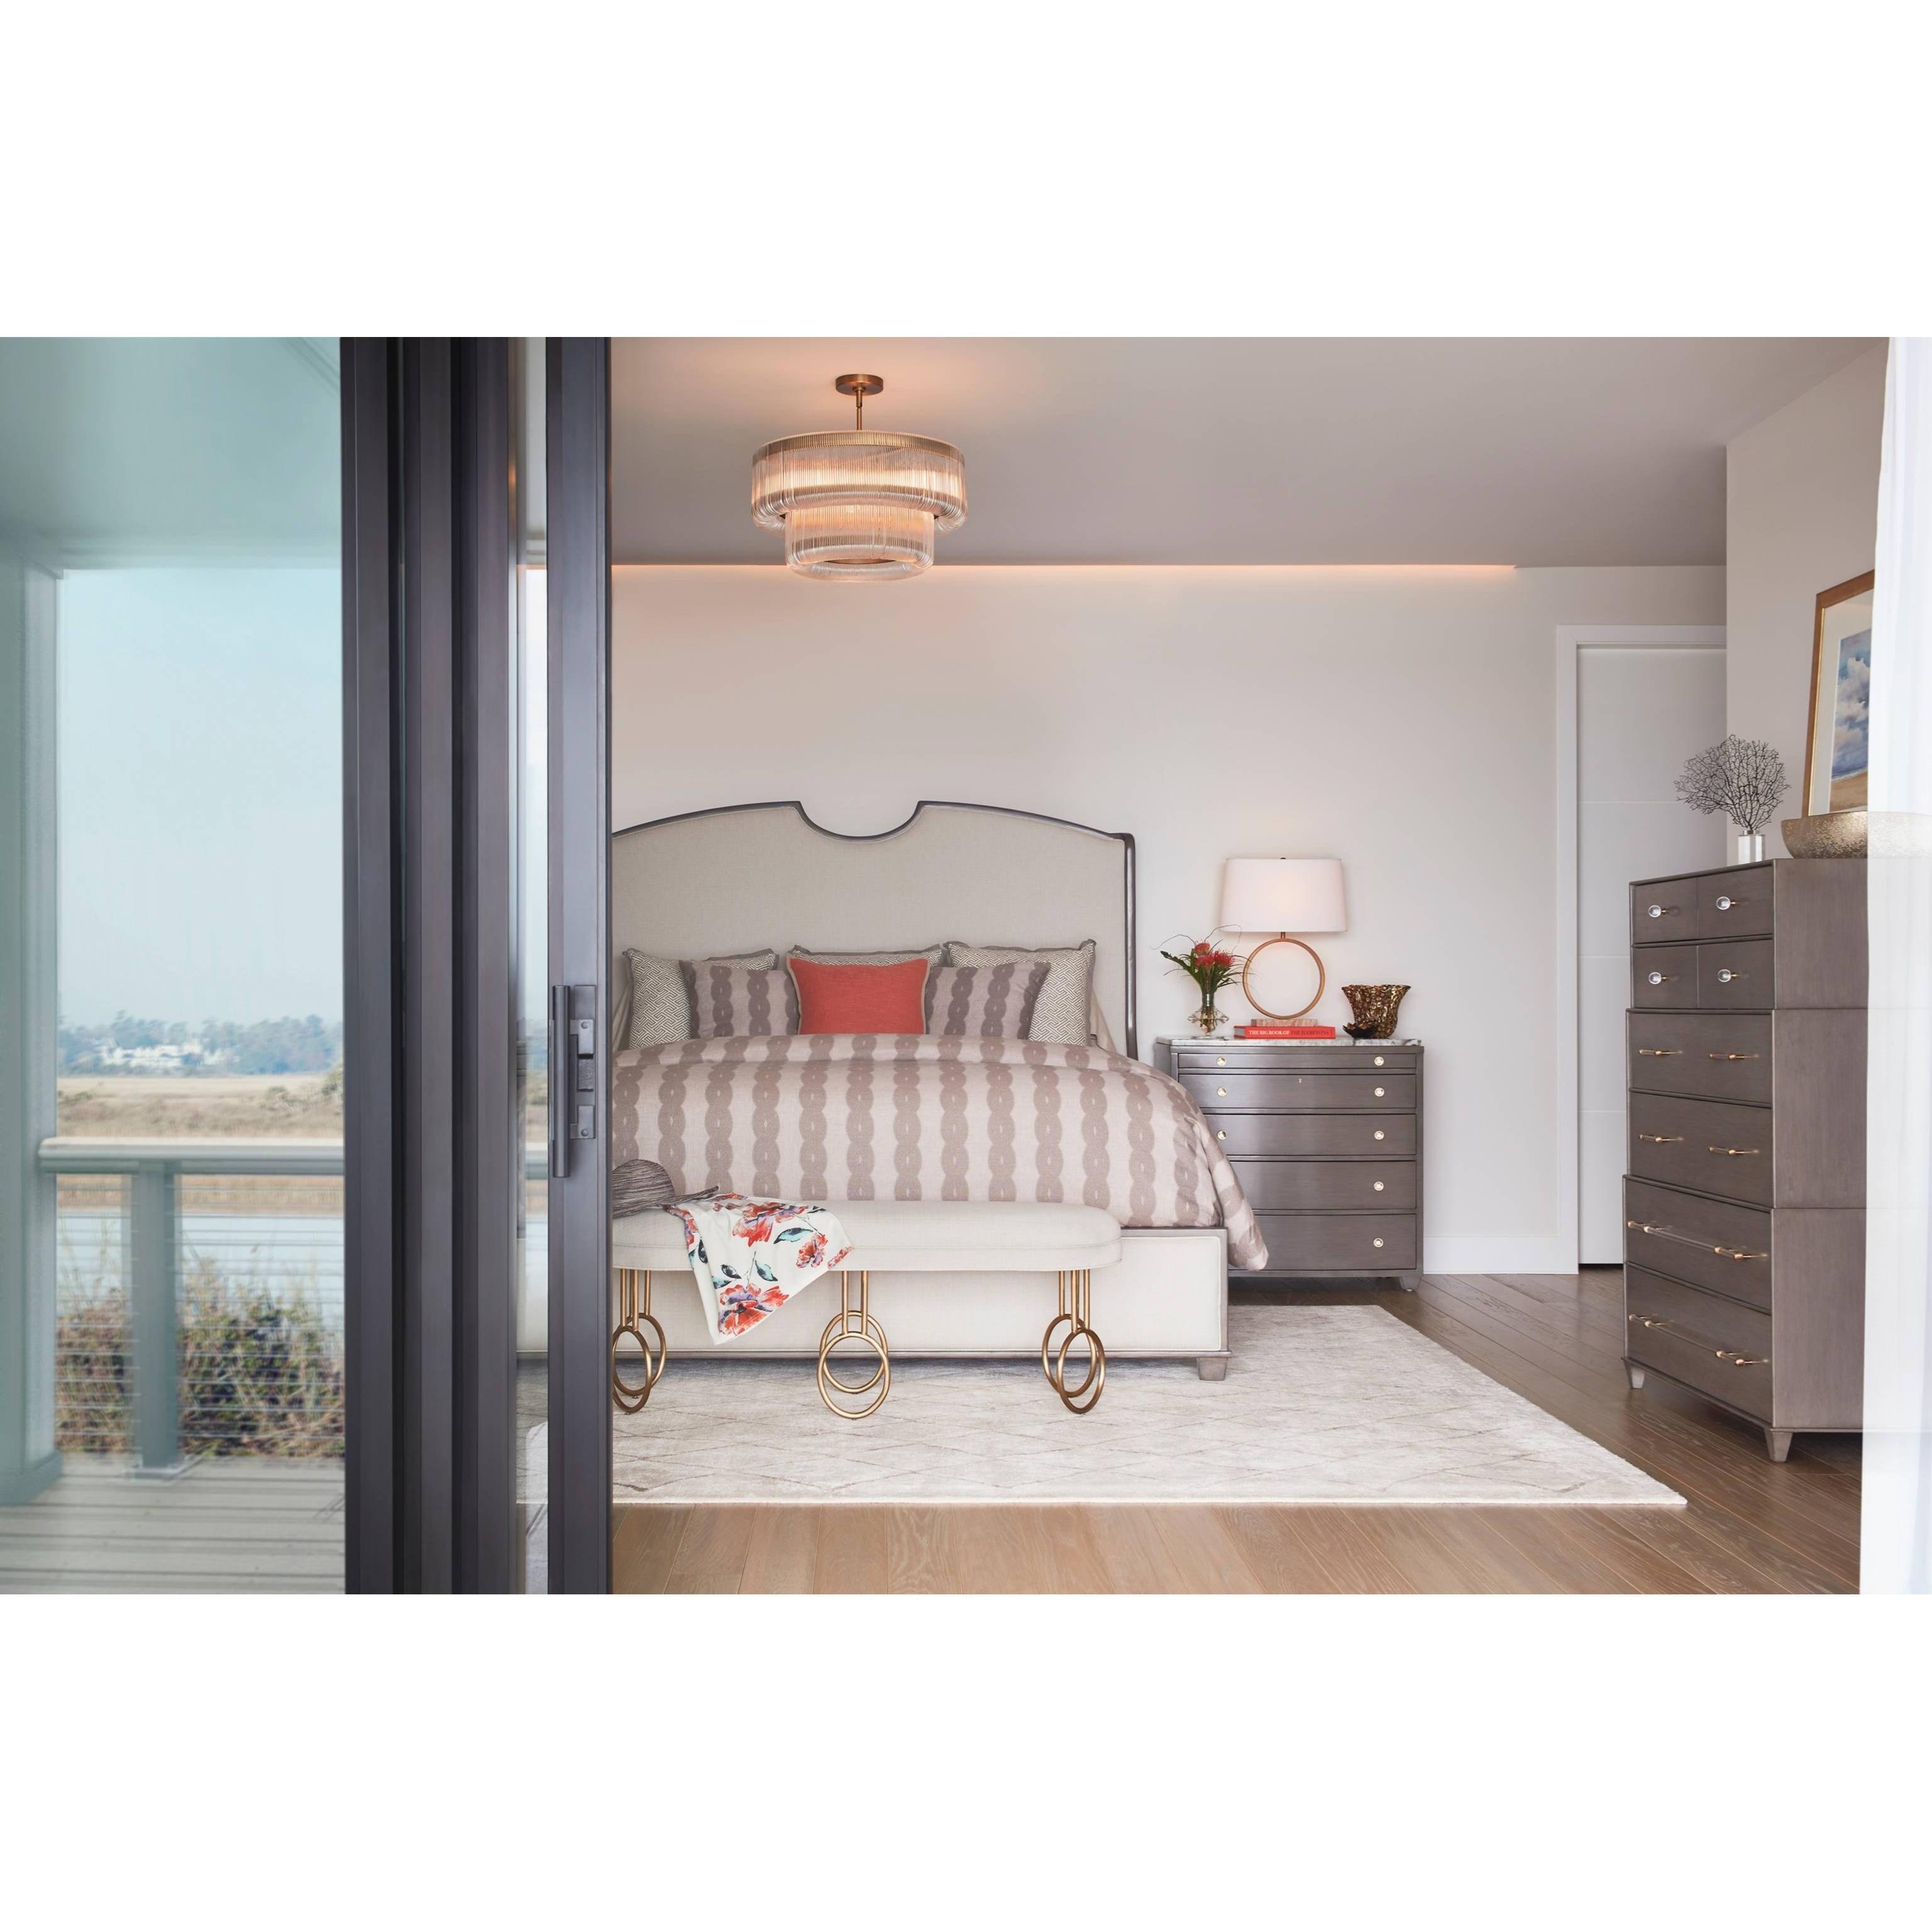 Stanley Furniture Coastal Living Oasis King Bedroom Group - Item Number: 527-6 K Bedroom Group 4